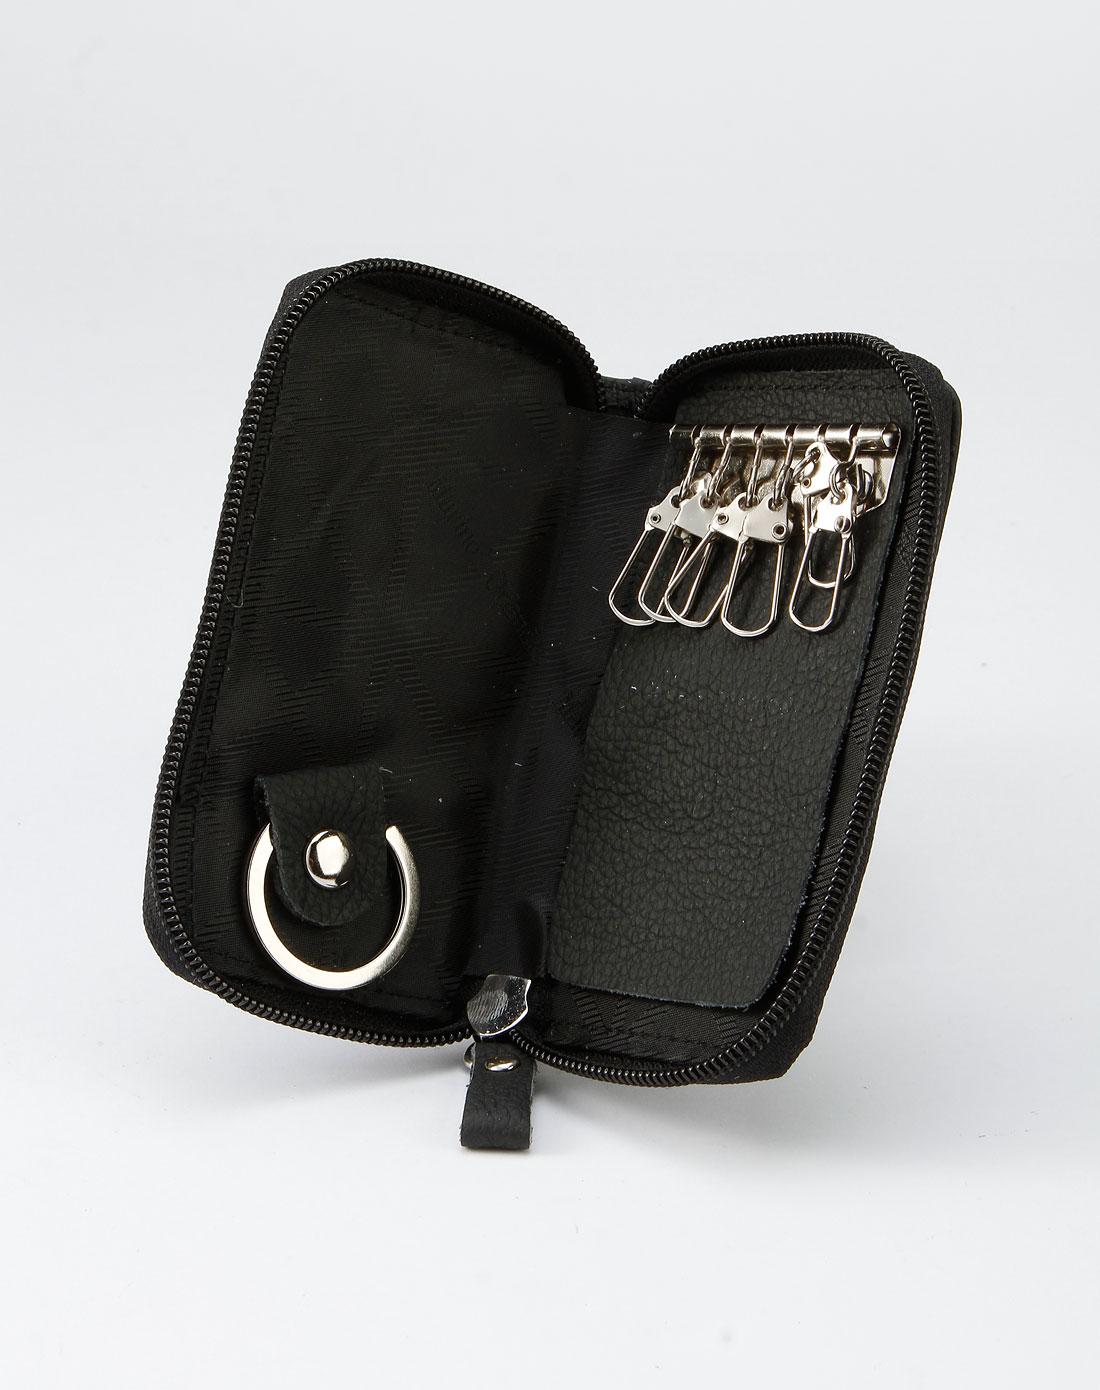 马连奴·奥兰迪-男包黑色时尚拉链钥匙包